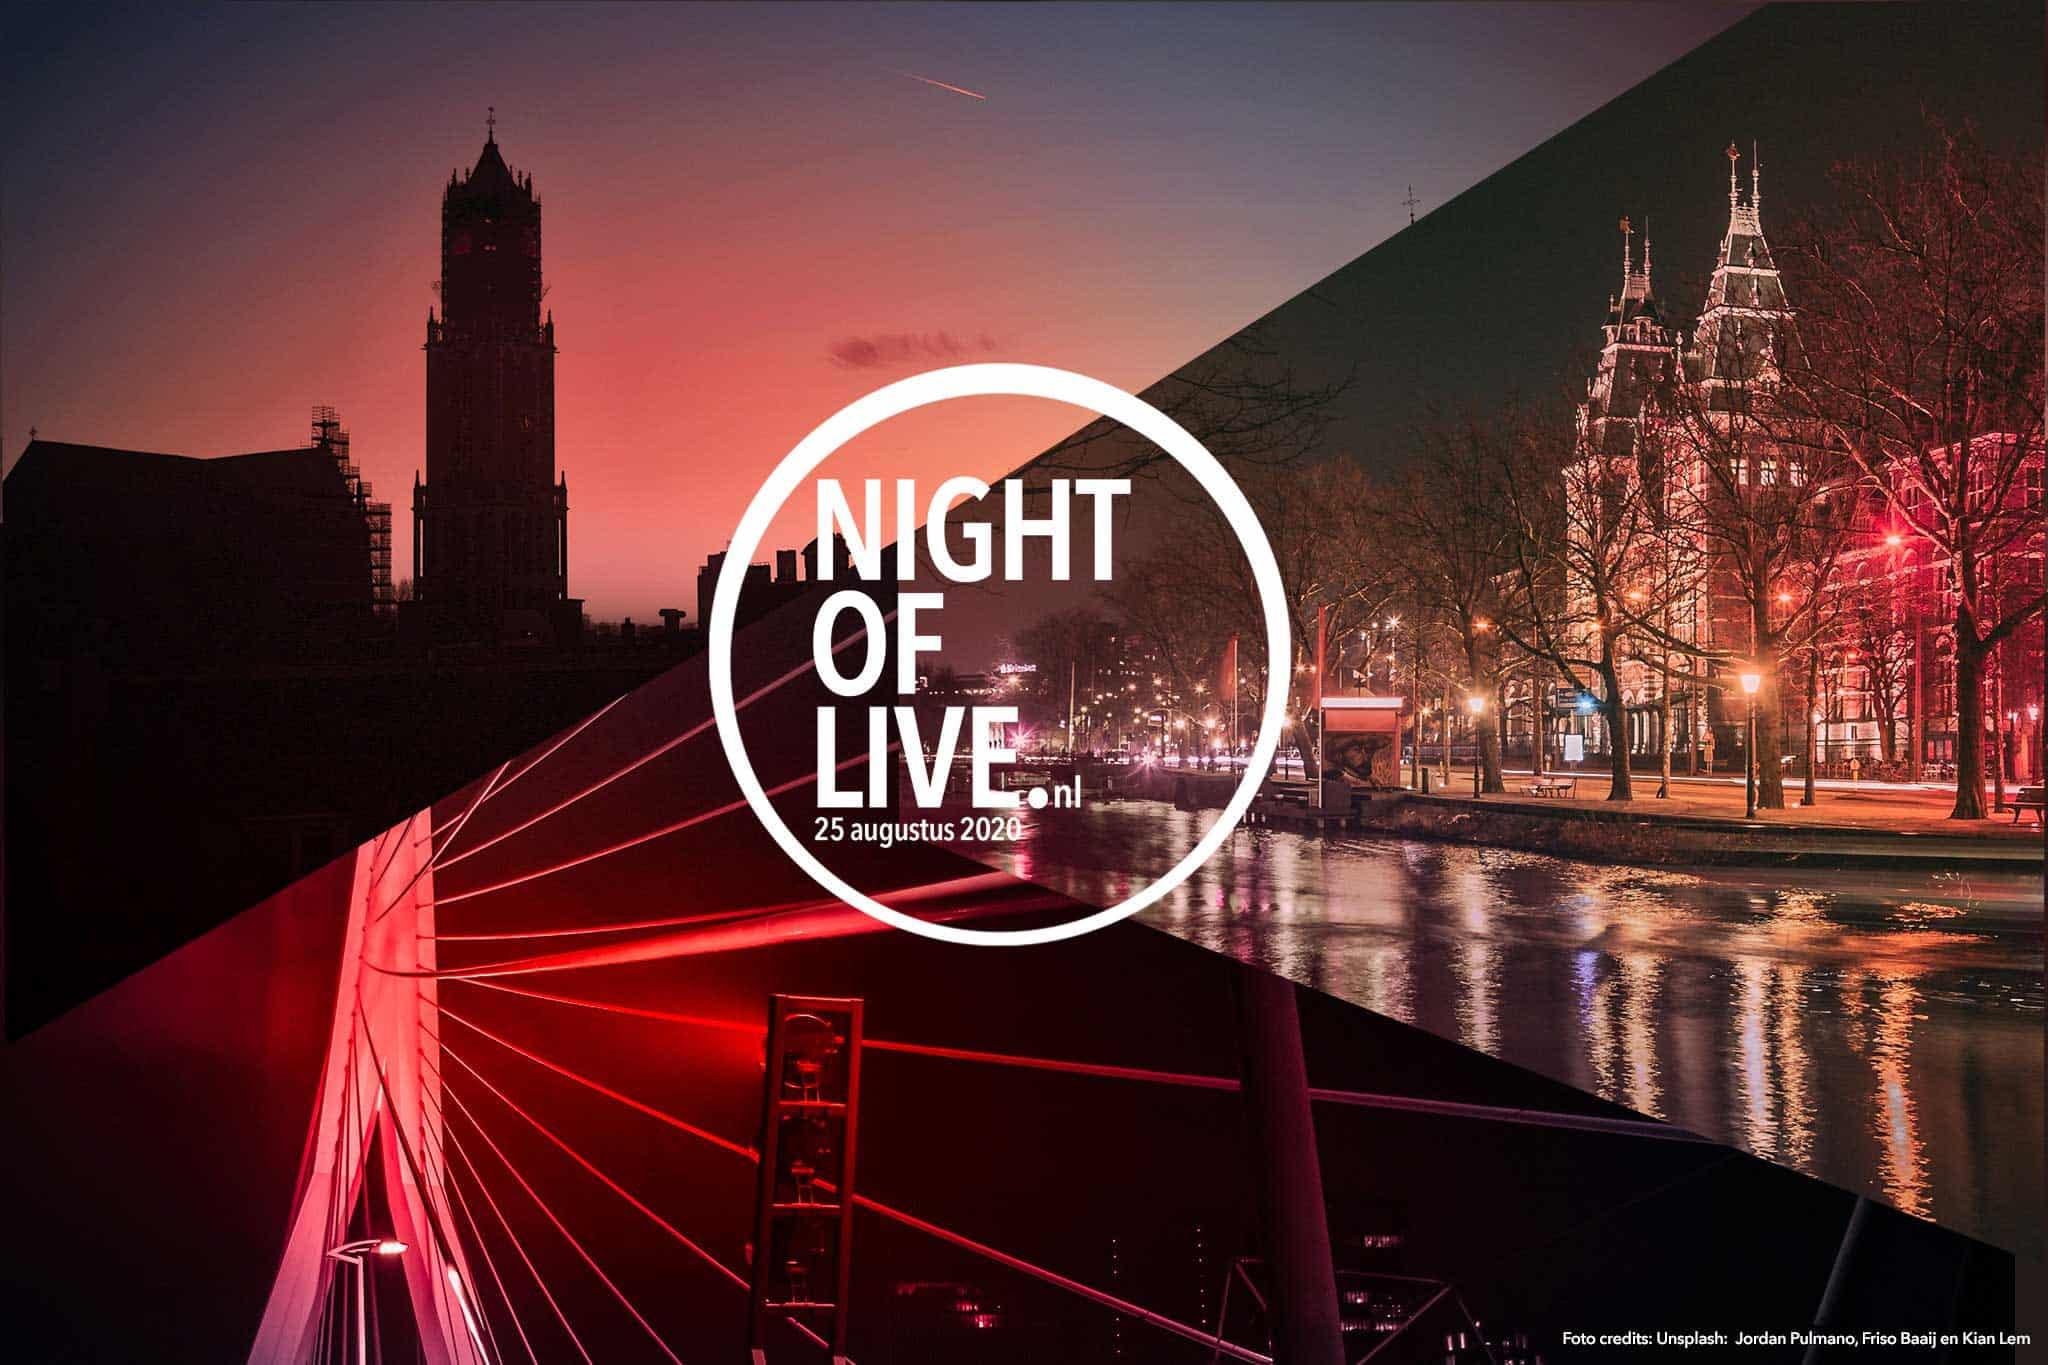 Night of Live 2020 - rood verlichte gebouwen